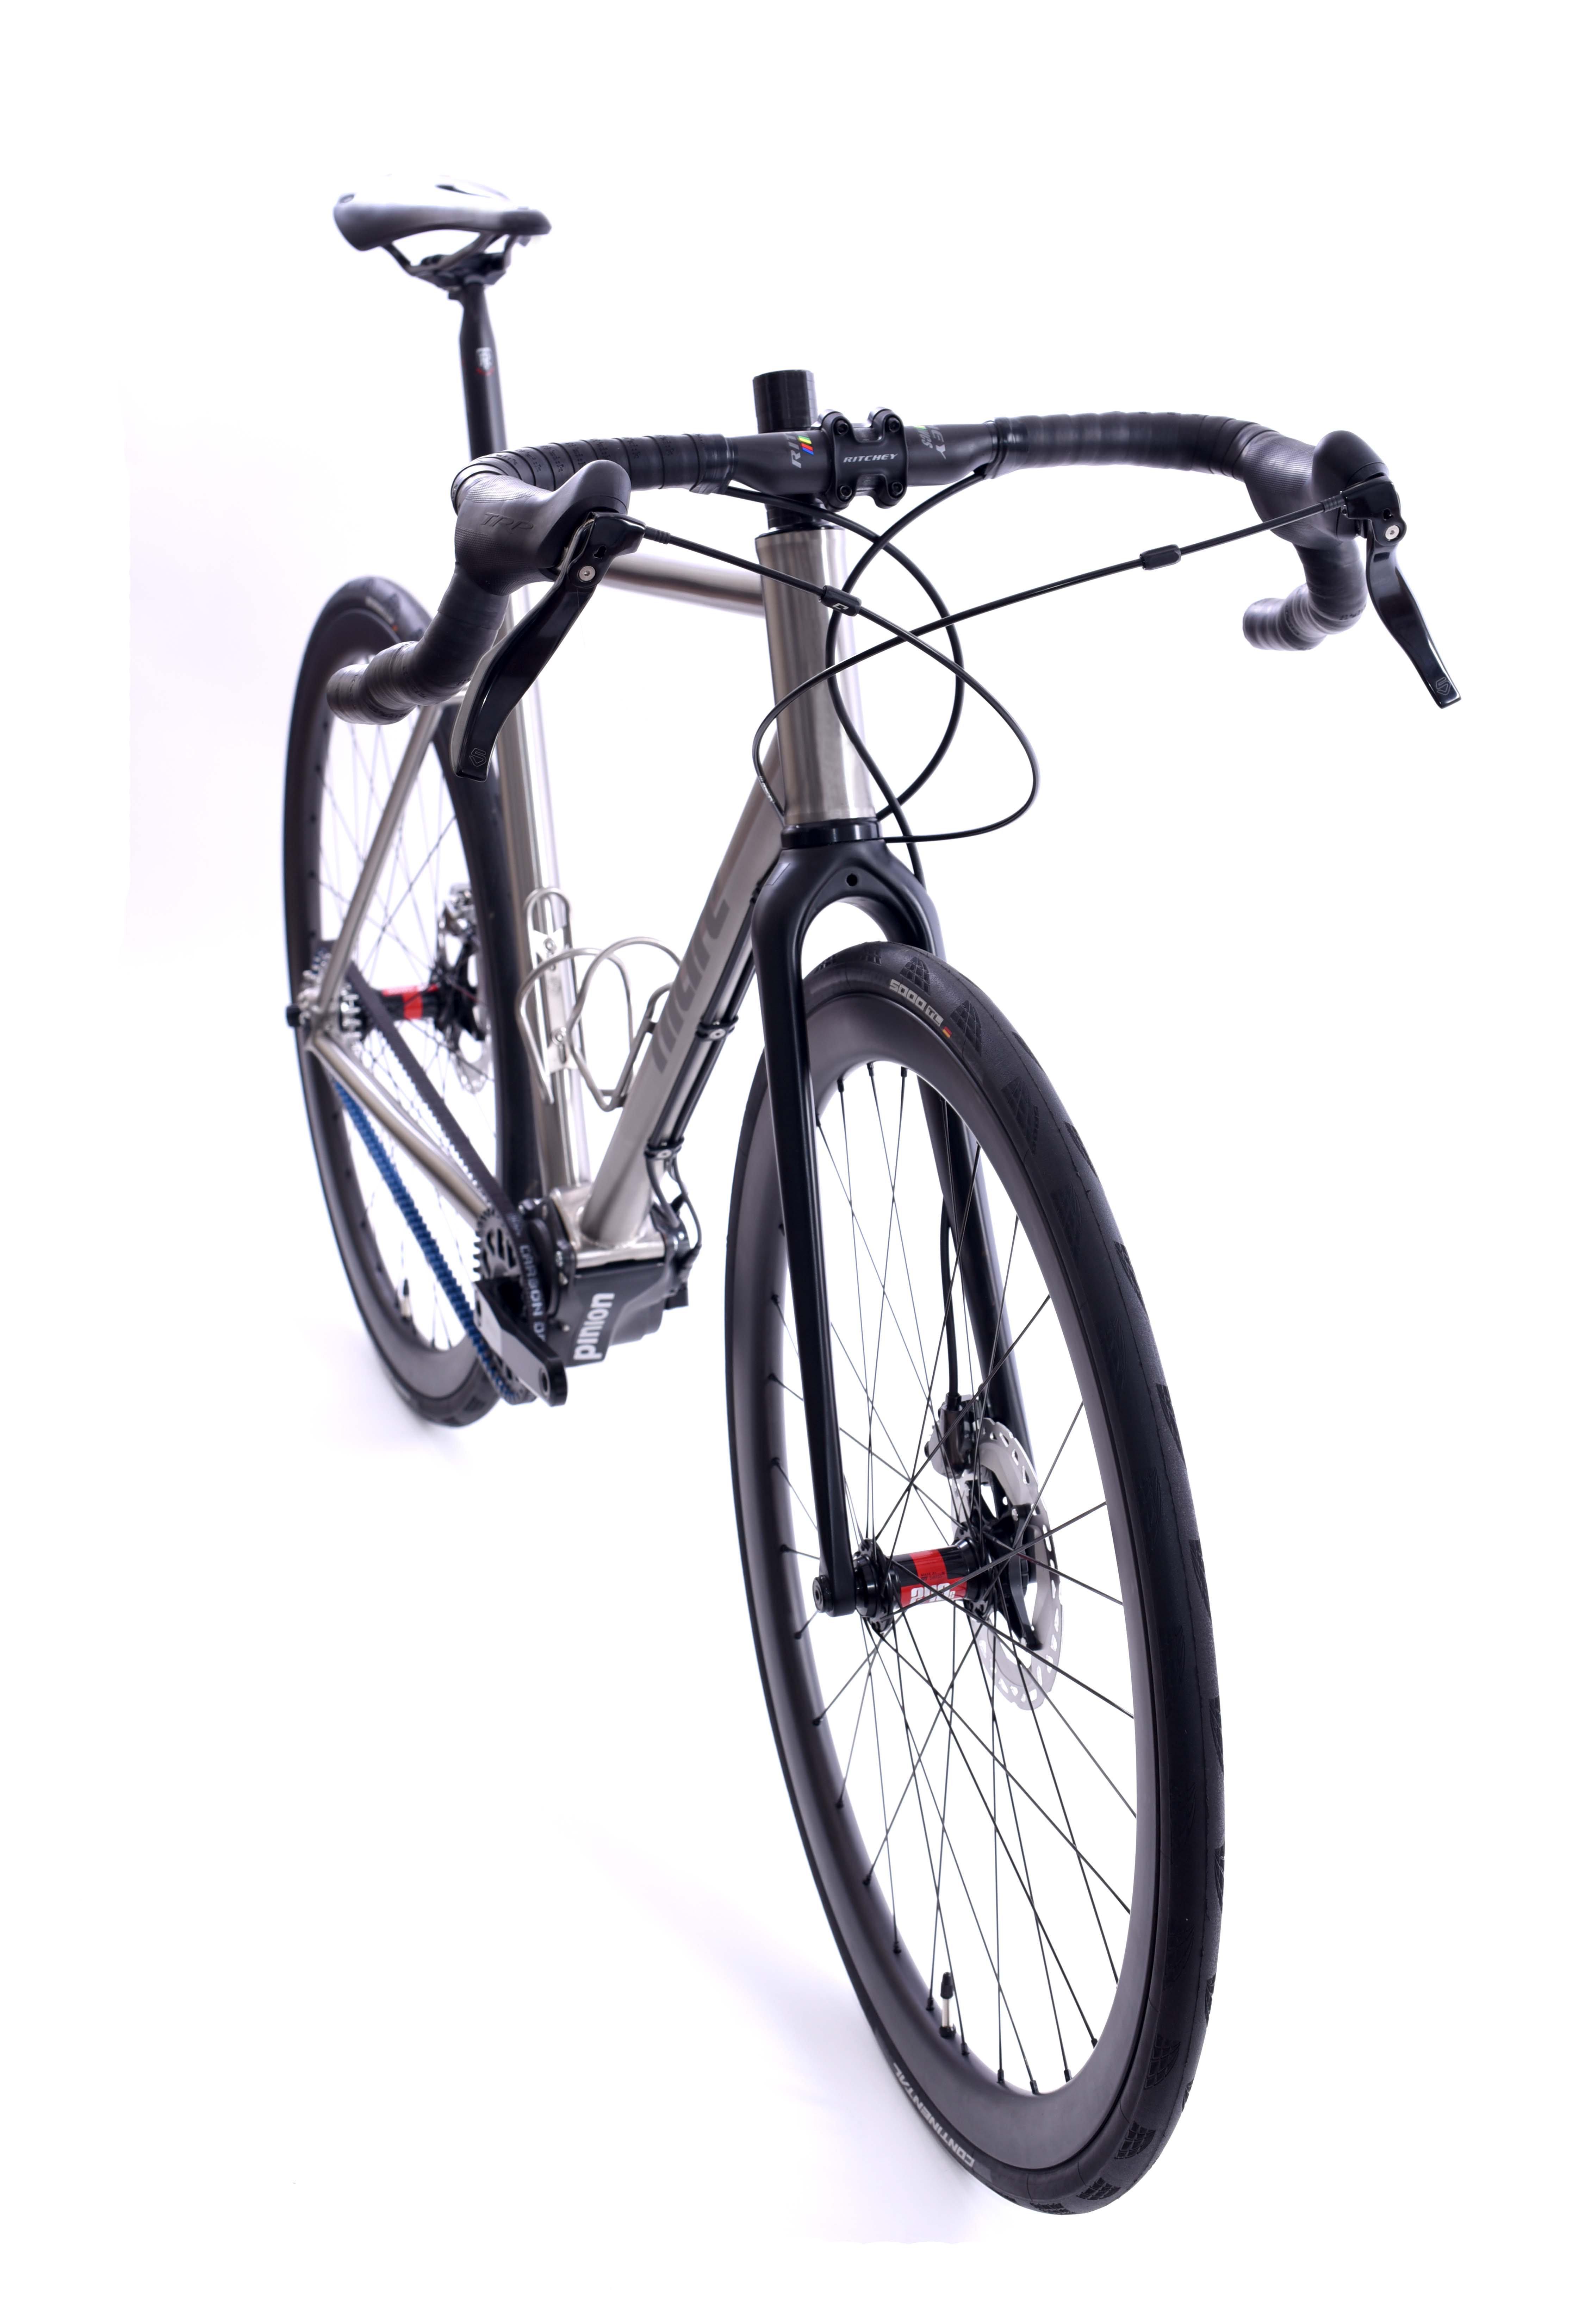 All-Road Pinion Bike mit lediglich 9.8kg